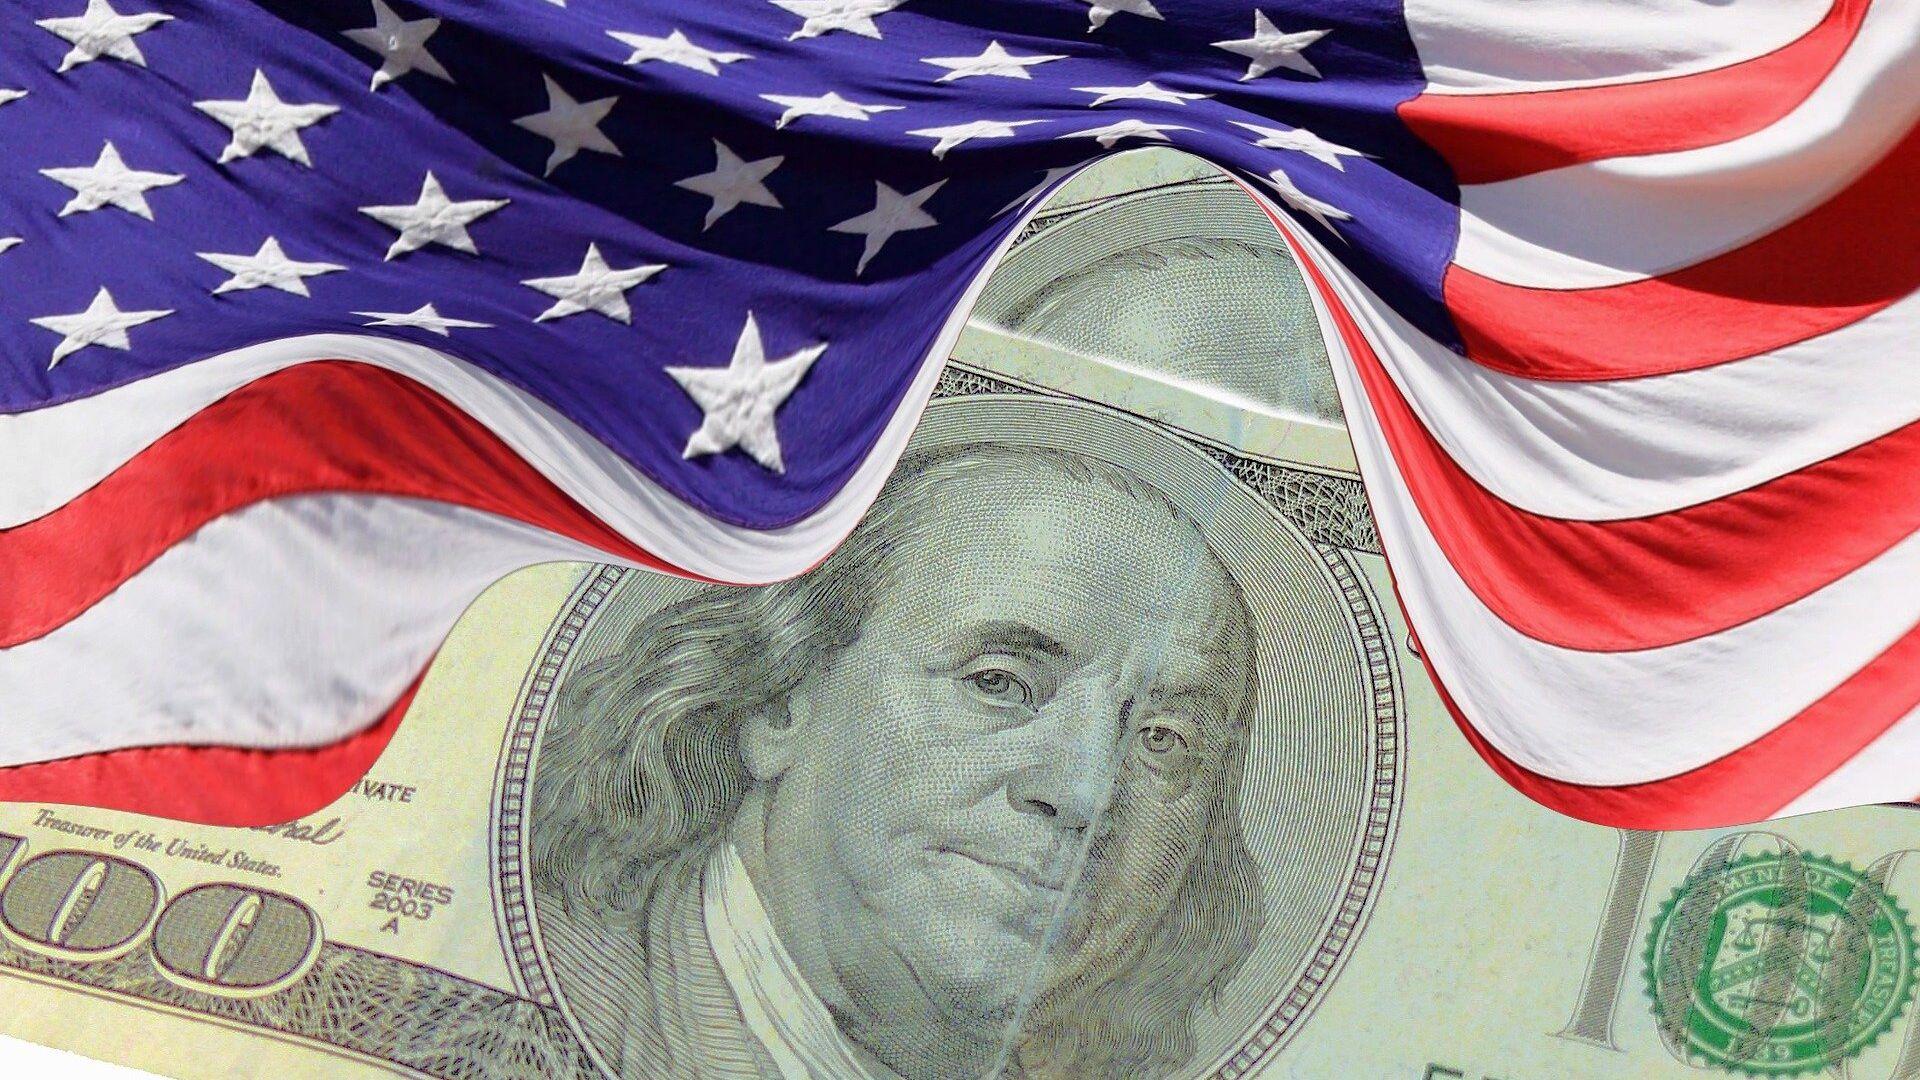 El dólar (moneda de EEUU) y la bandera estadounidense - Sputnik Mundo, 1920, 16.07.2021